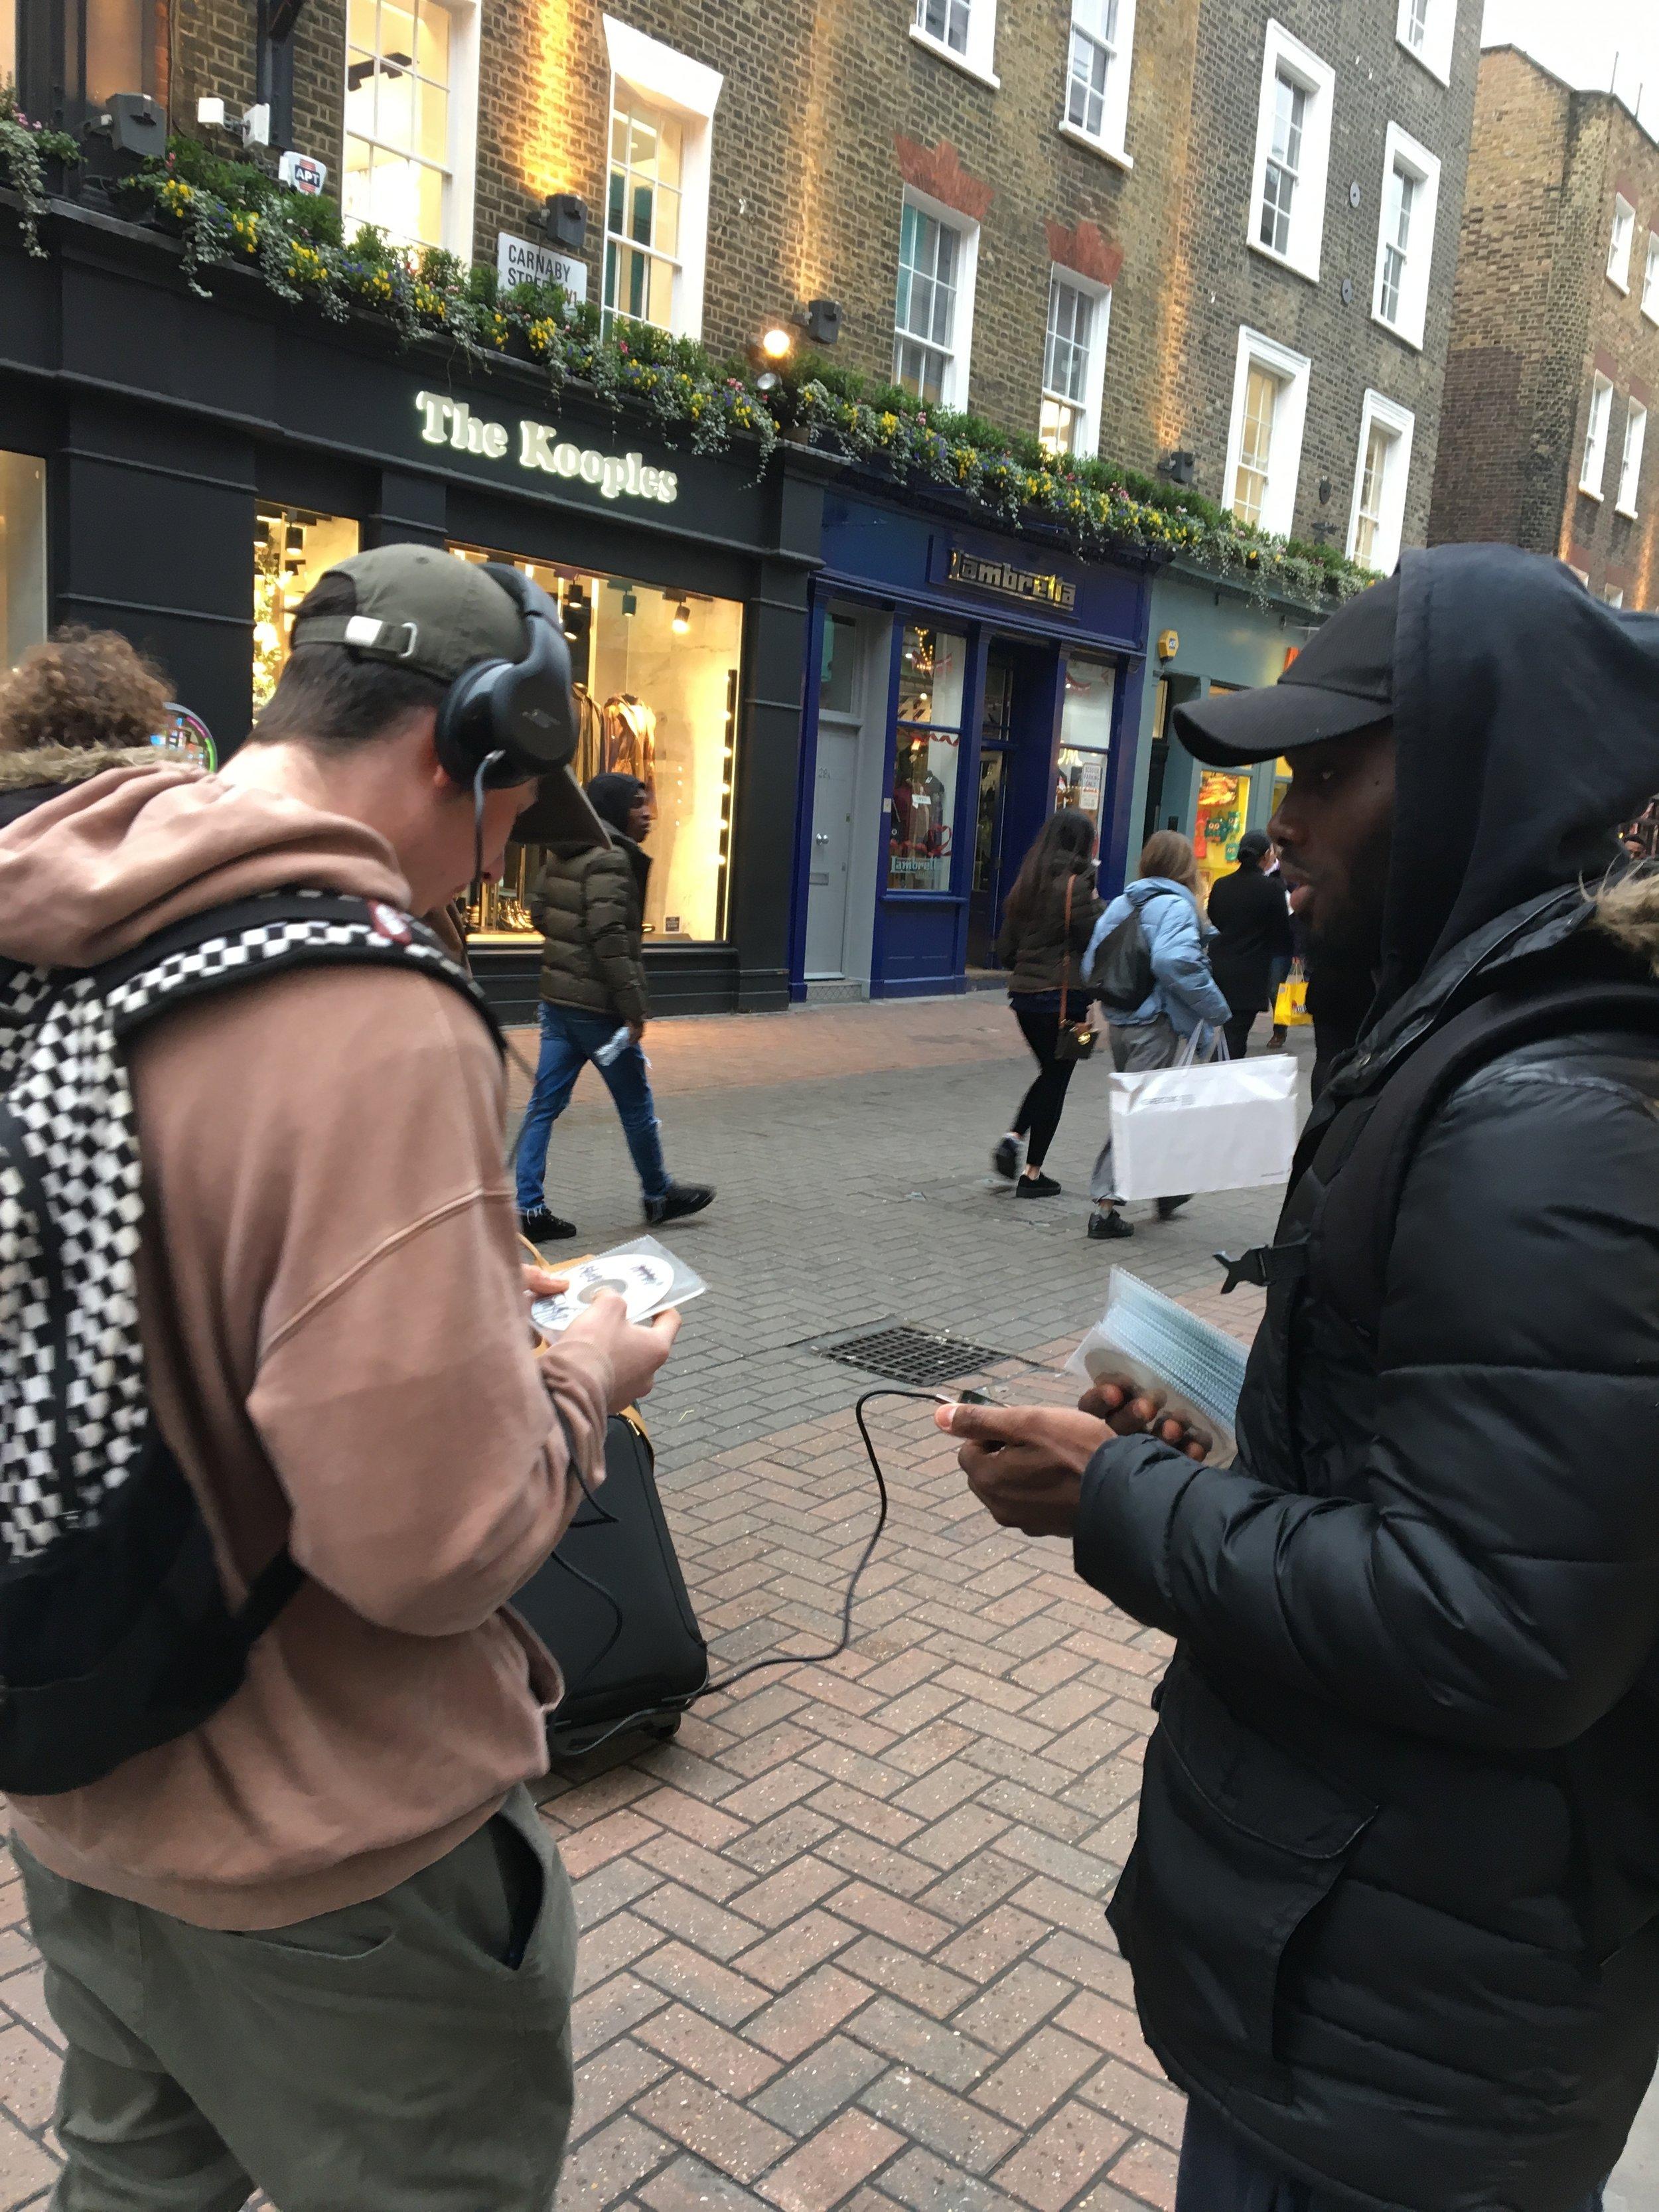 Møtte gamle dager også. Eller, en dude stoppet folk og lurte på om de ville høre på musikken hans. Likte de musikke kunne de kjøpe brent-cd med musikken på. Bom Bap hip hop.